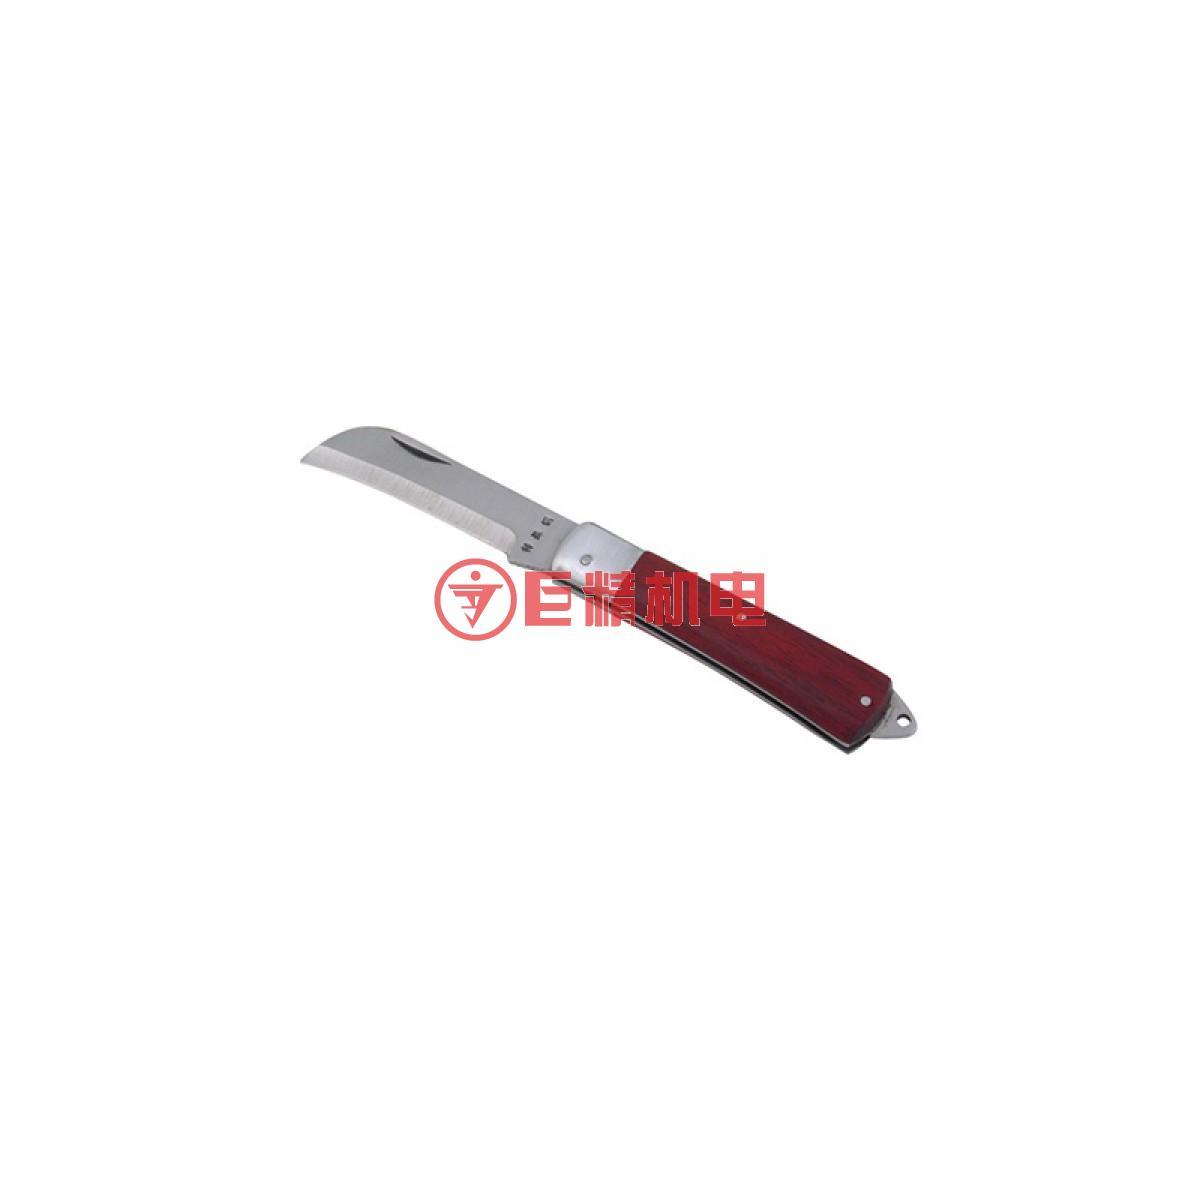 力易得 弯刃木柄电工刀80mm E7022